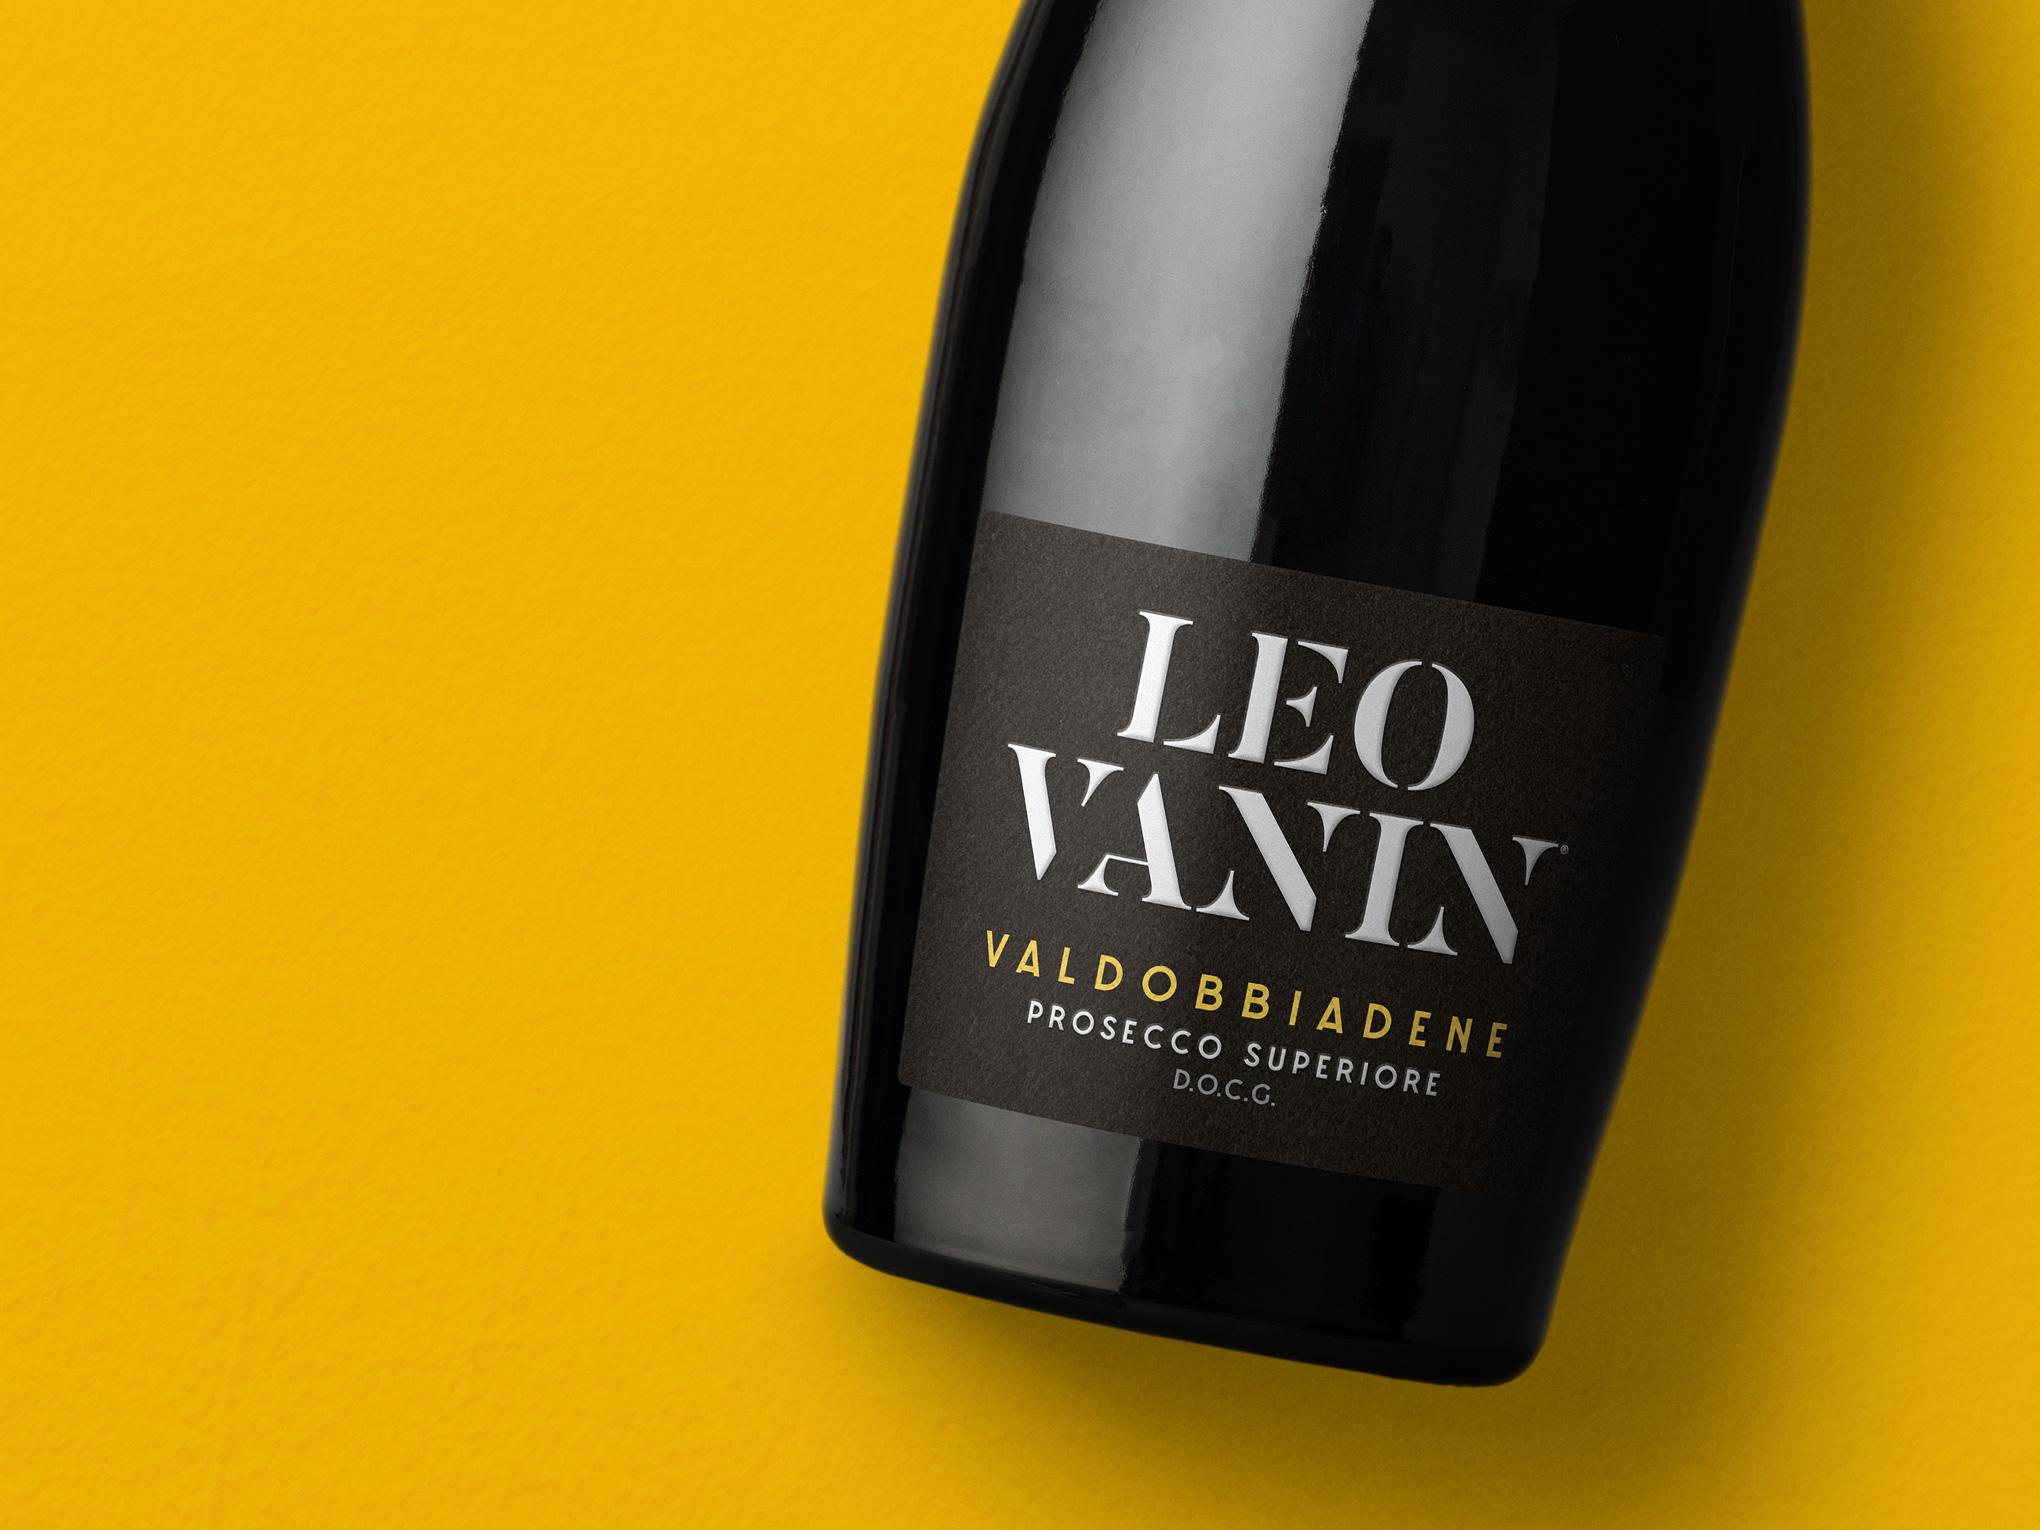 Leo Vanin Valdobbiadene Prosecco Superiore D.O.C.G.